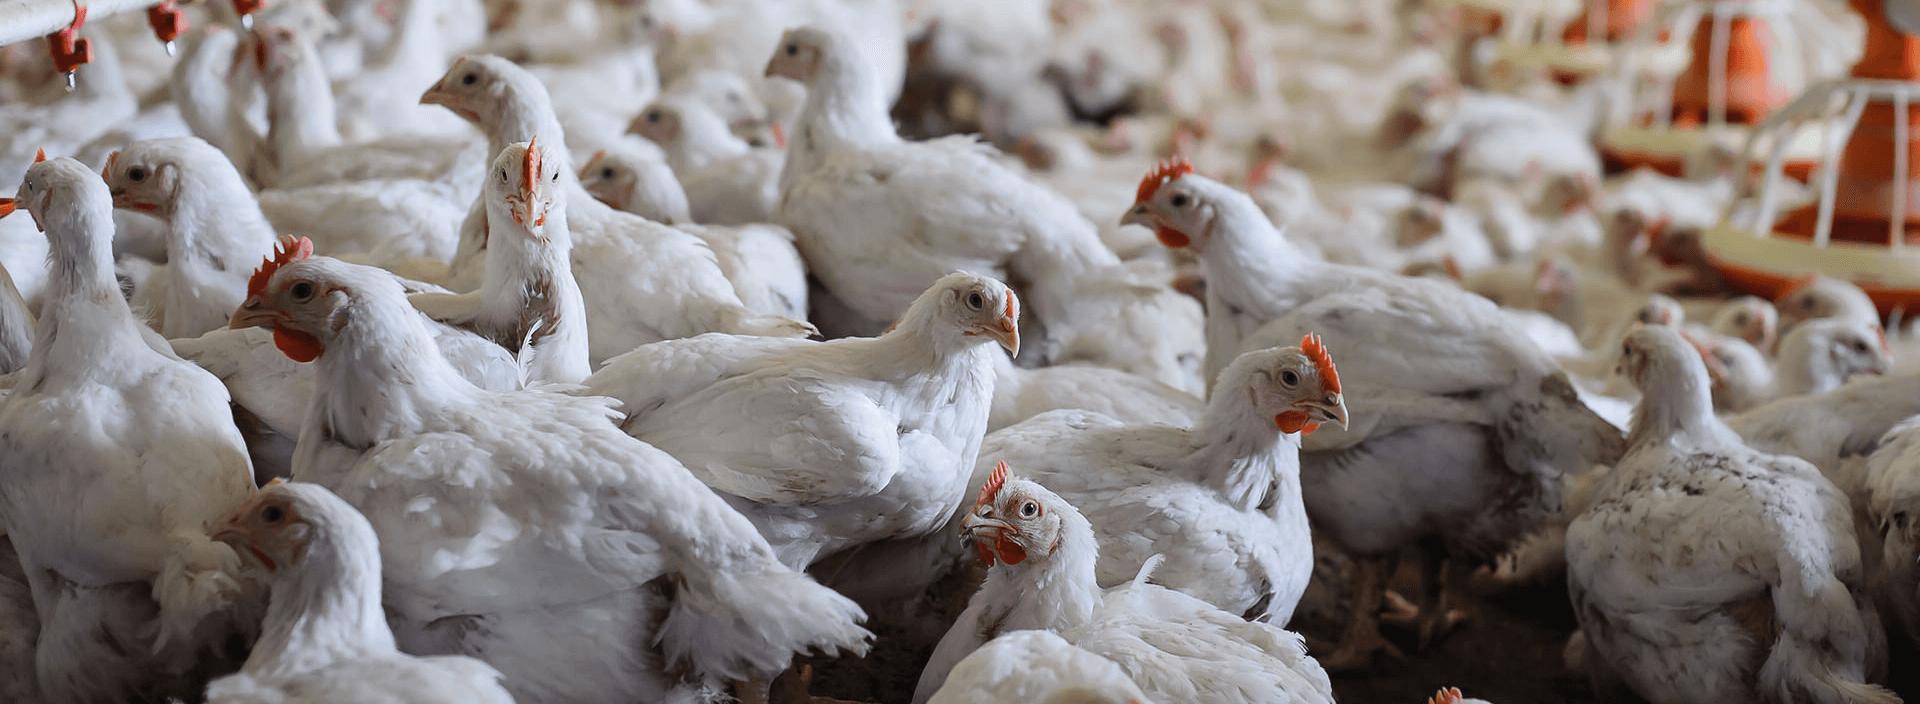 Температурный режим для цыплят бройлеров: условия выращивания